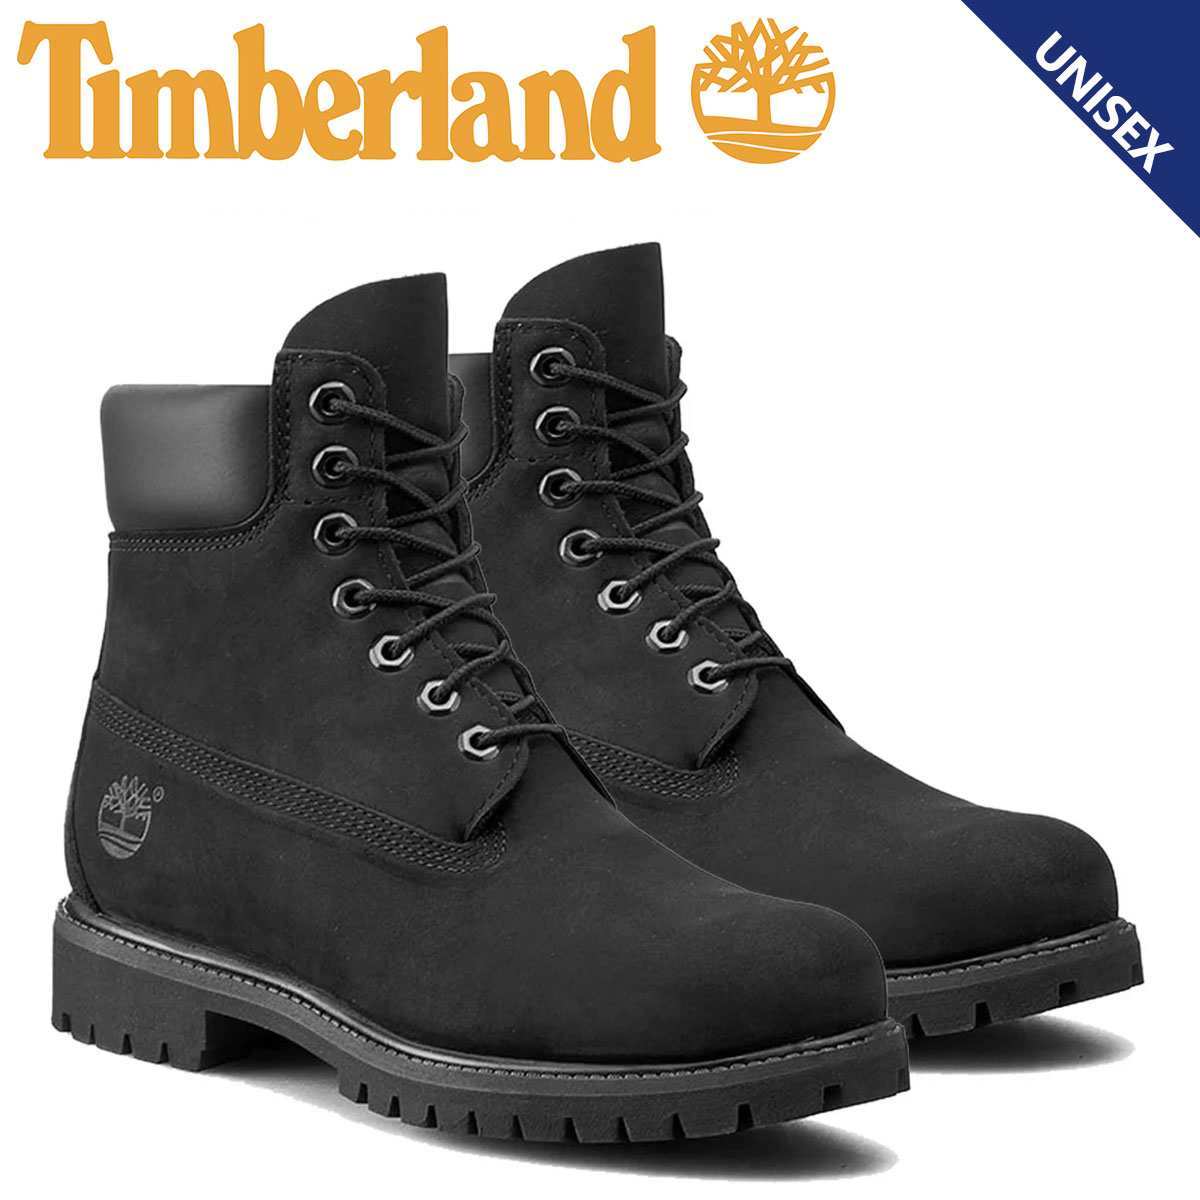 Timberland Støvler Til Menn Svart Vanntett hpWeEUcL